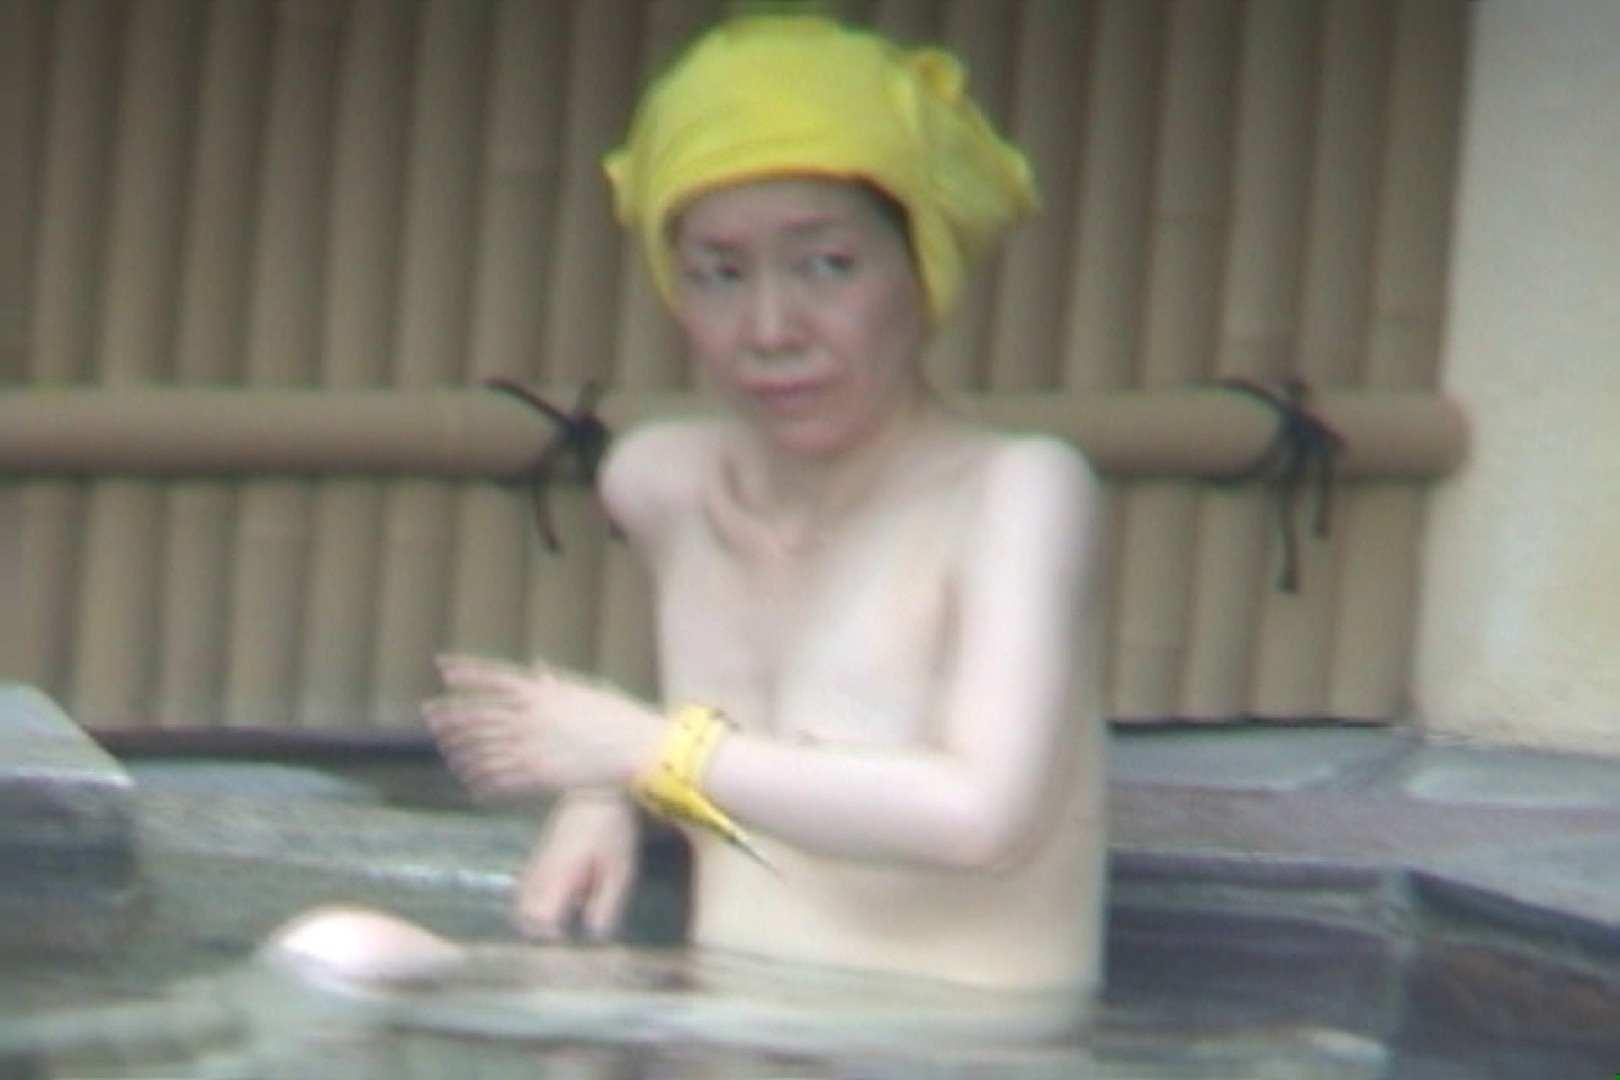 Aquaな露天風呂Vol.569 盗撮シリーズ  84PIX 10